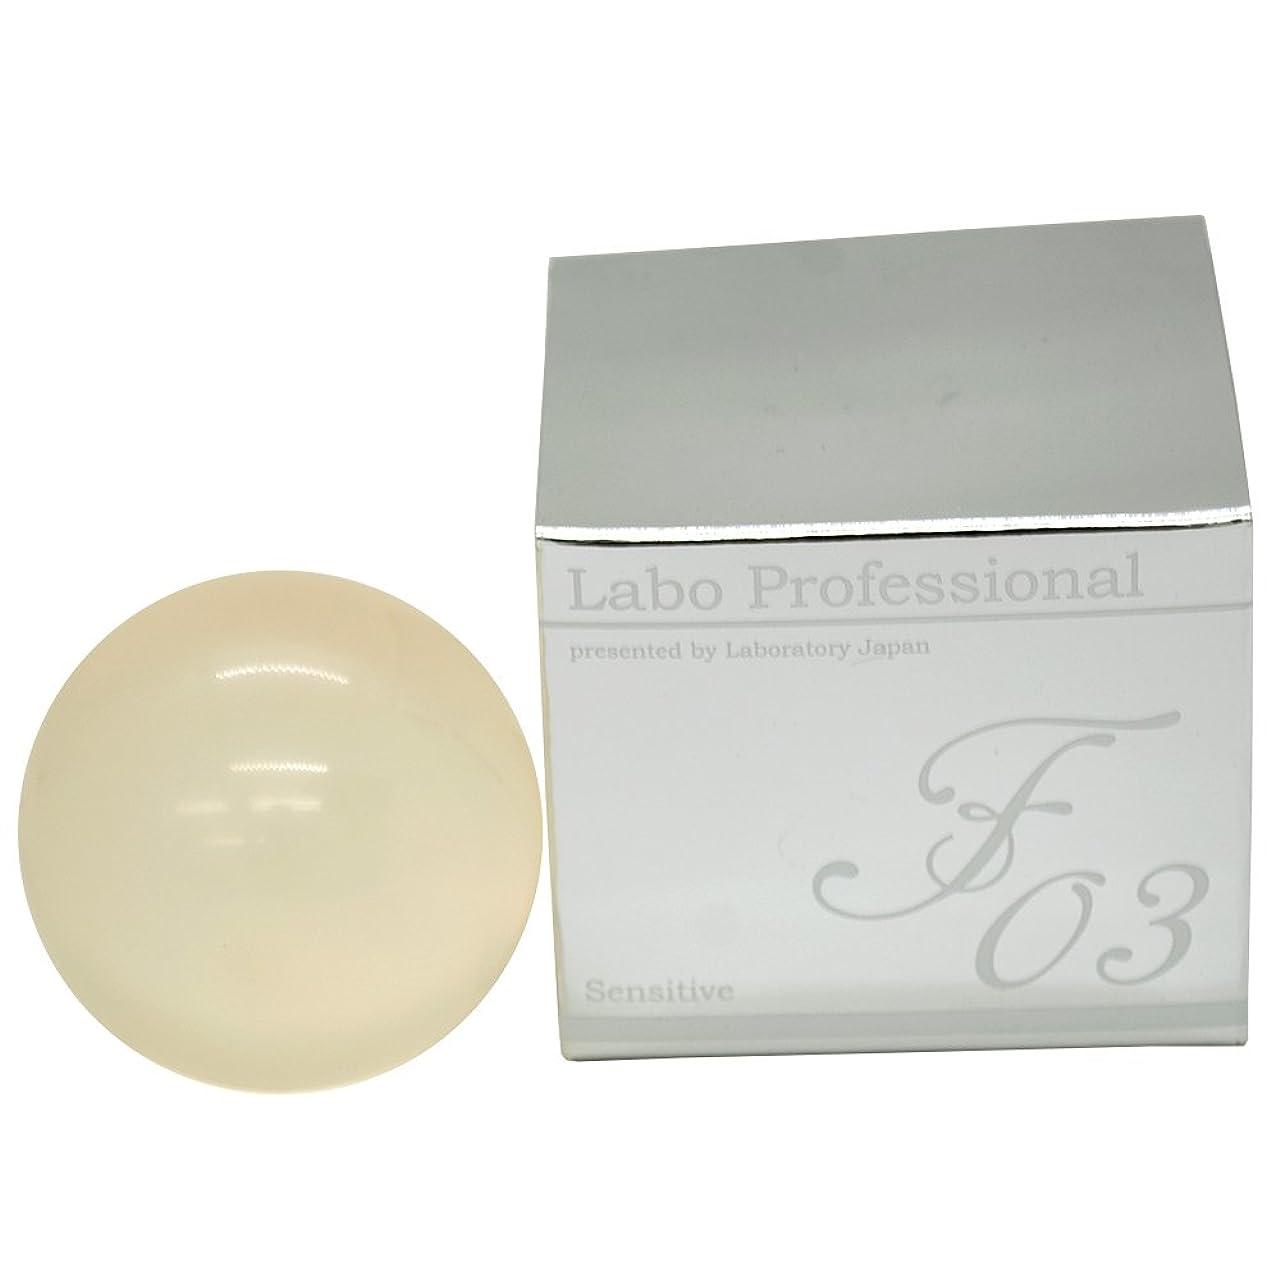 ブローホール略奪岸日本製【真性フコイダン配合】赤ちゃんから使える 敏感肌向け美容石鹸 Labo Professional F03